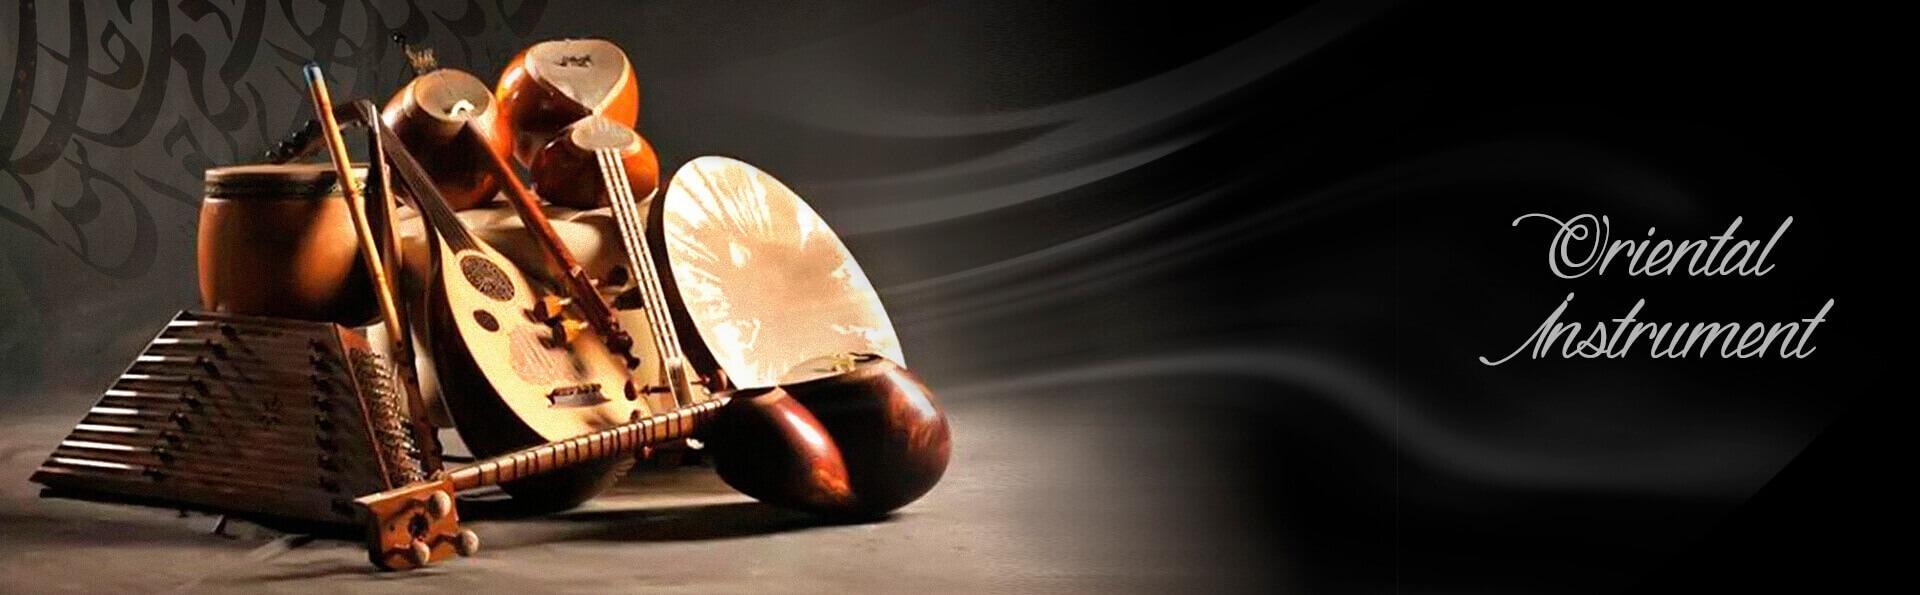 oriental instruments arab iran turkey dubai